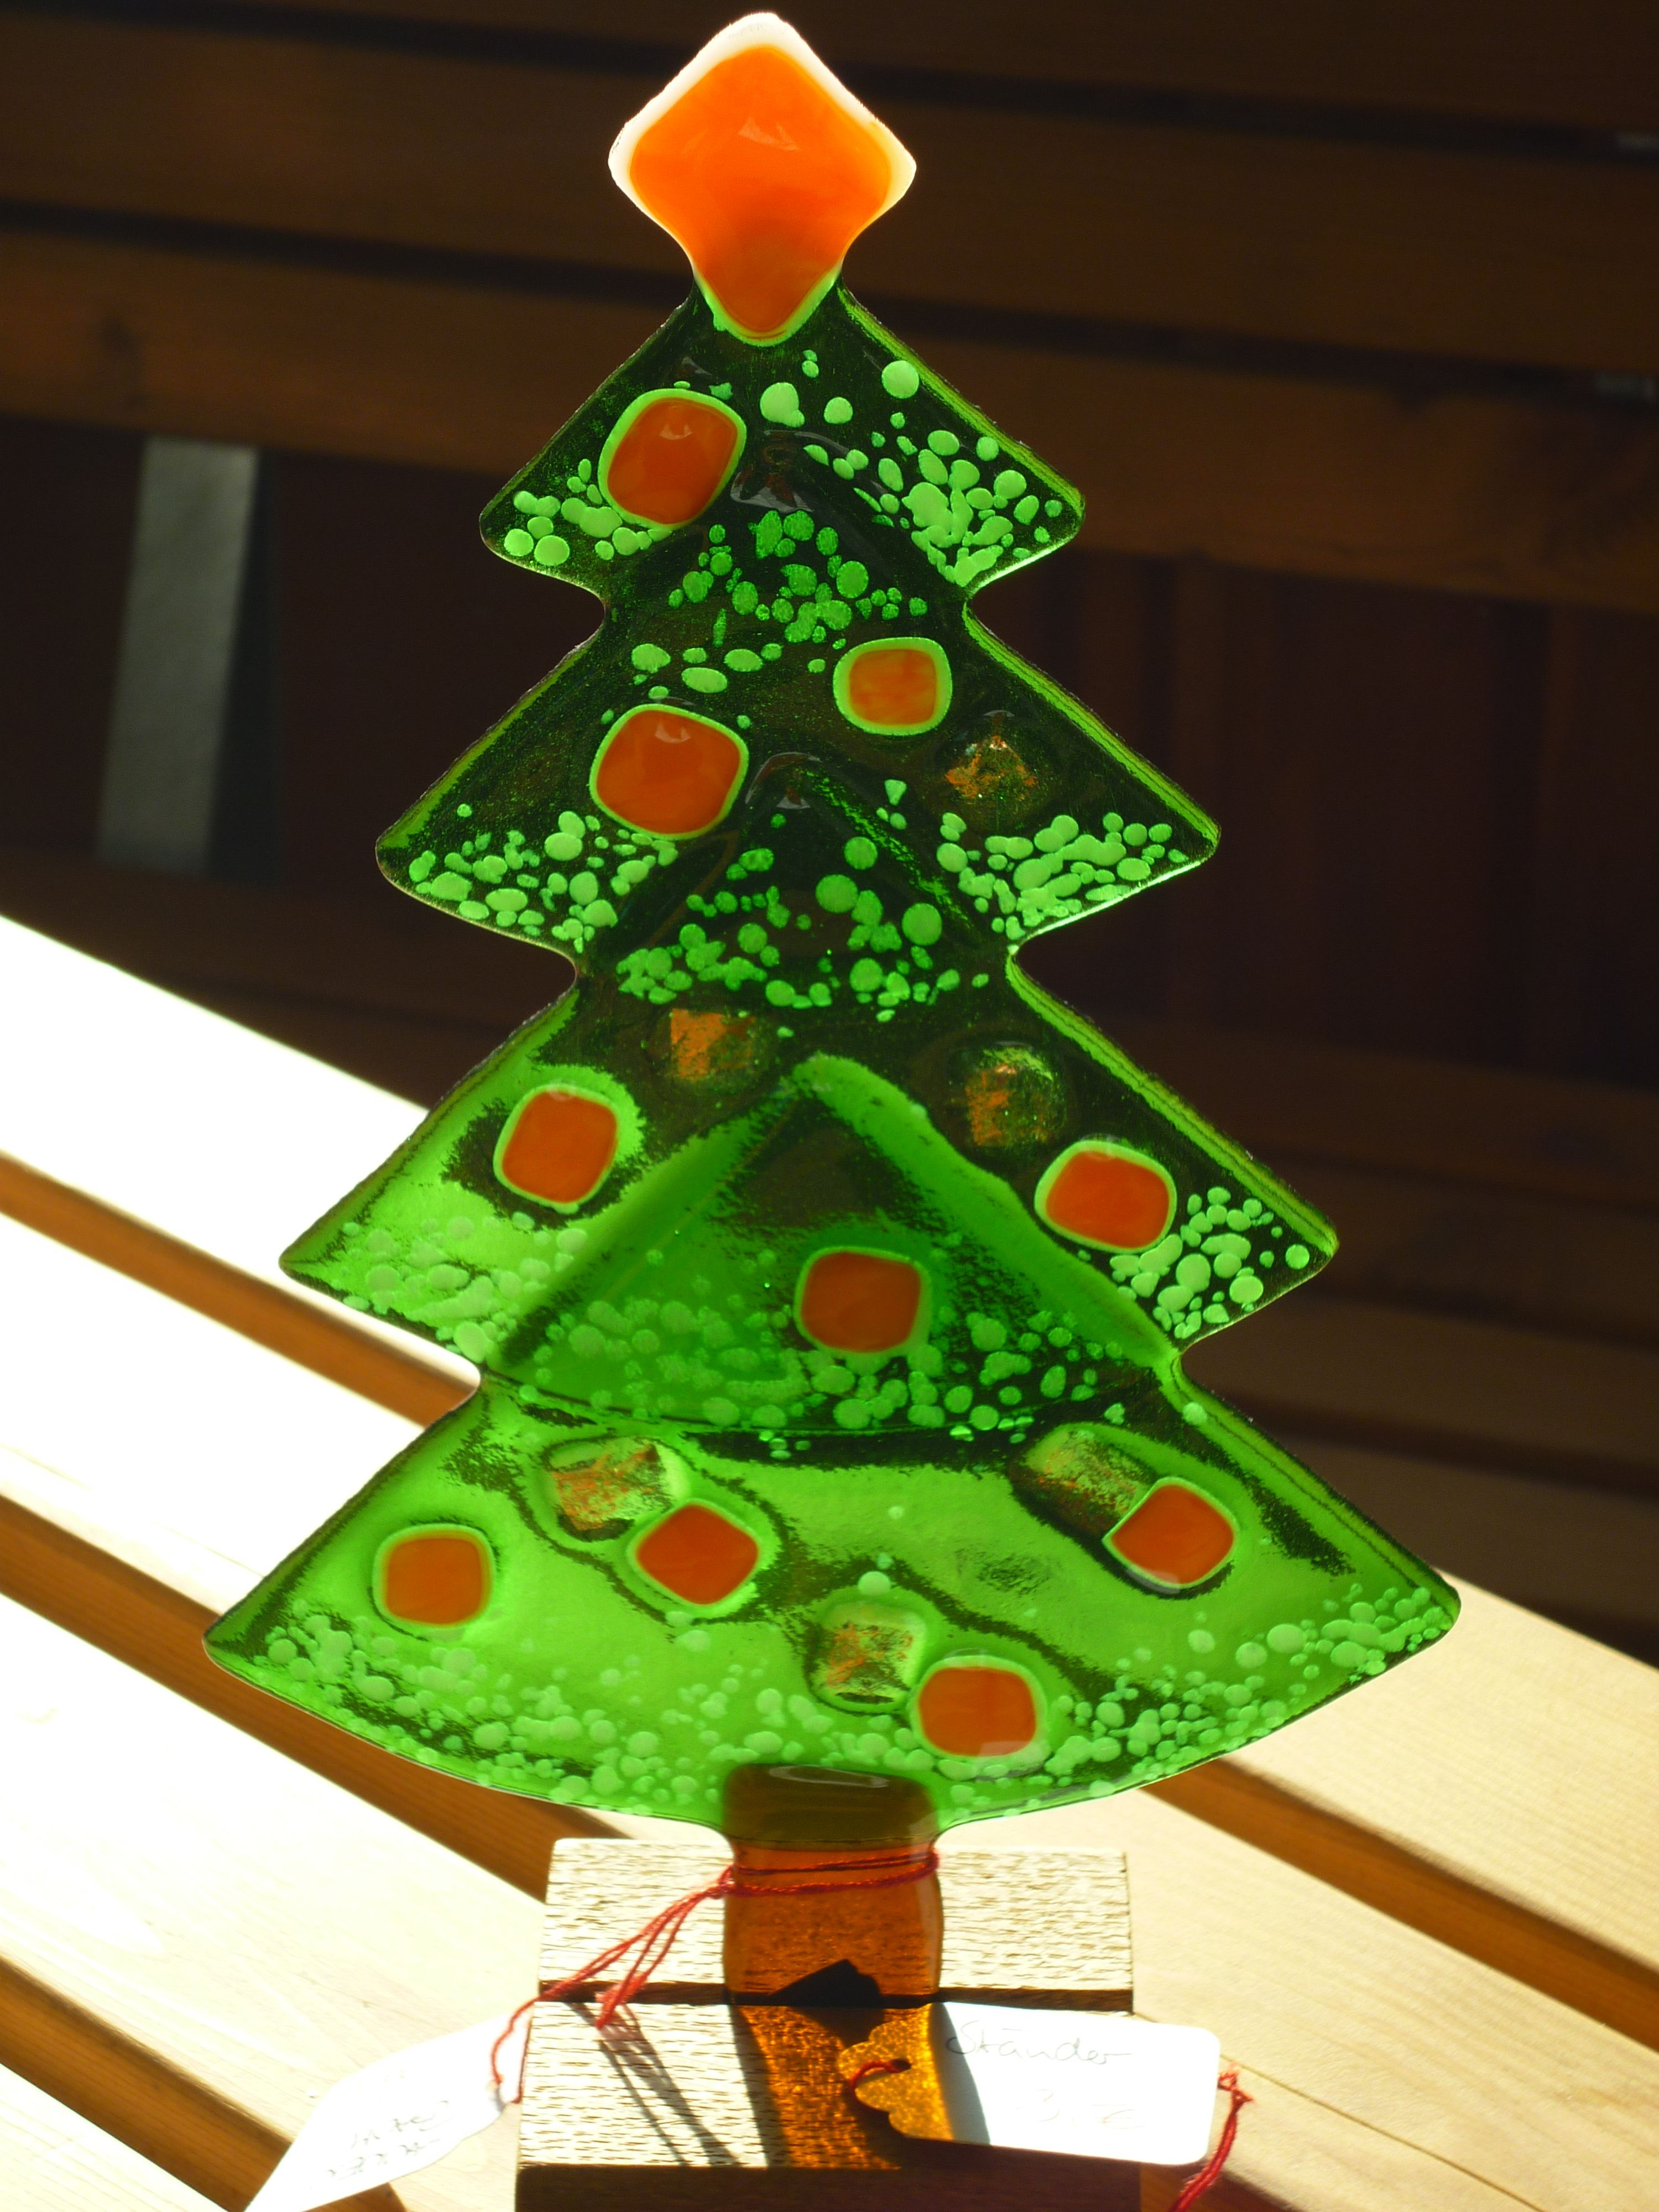 weihnachtsbaum aus gefustem glas mit orangenen kugeln zum stellen in holzst nder oder zum. Black Bedroom Furniture Sets. Home Design Ideas